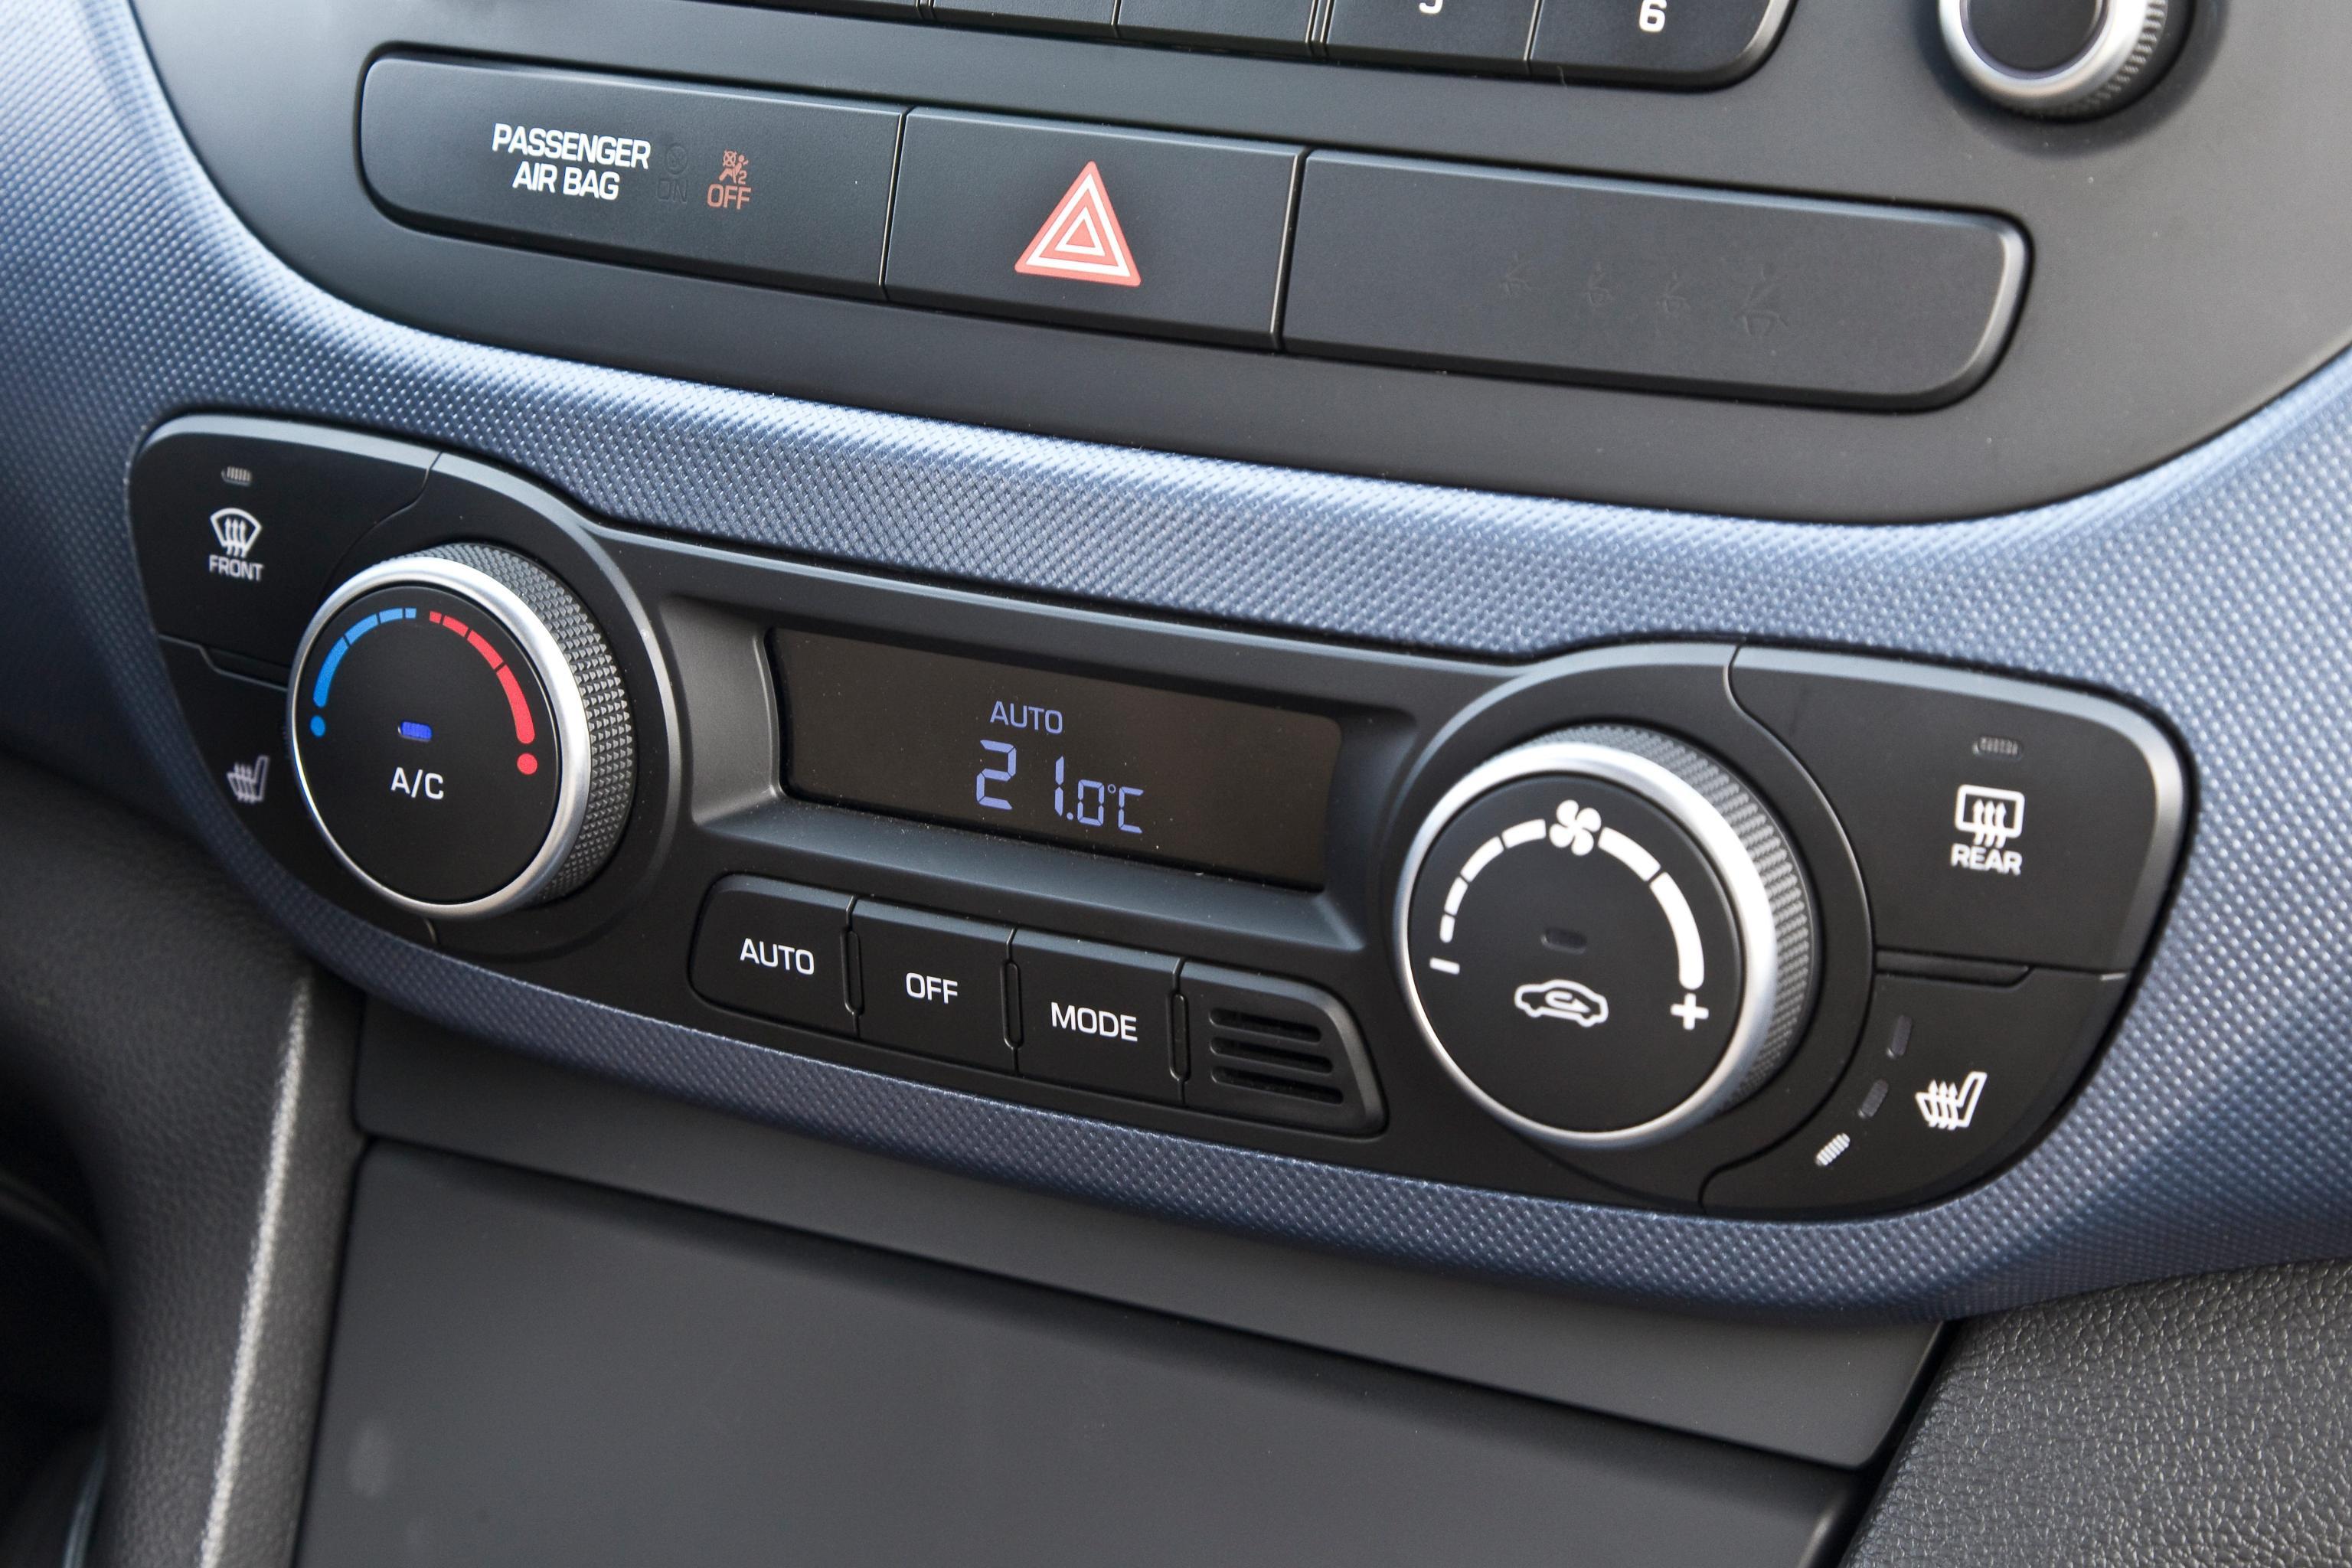 【知識】夏日涼爽五絕招,汽車空調冷涼有方法